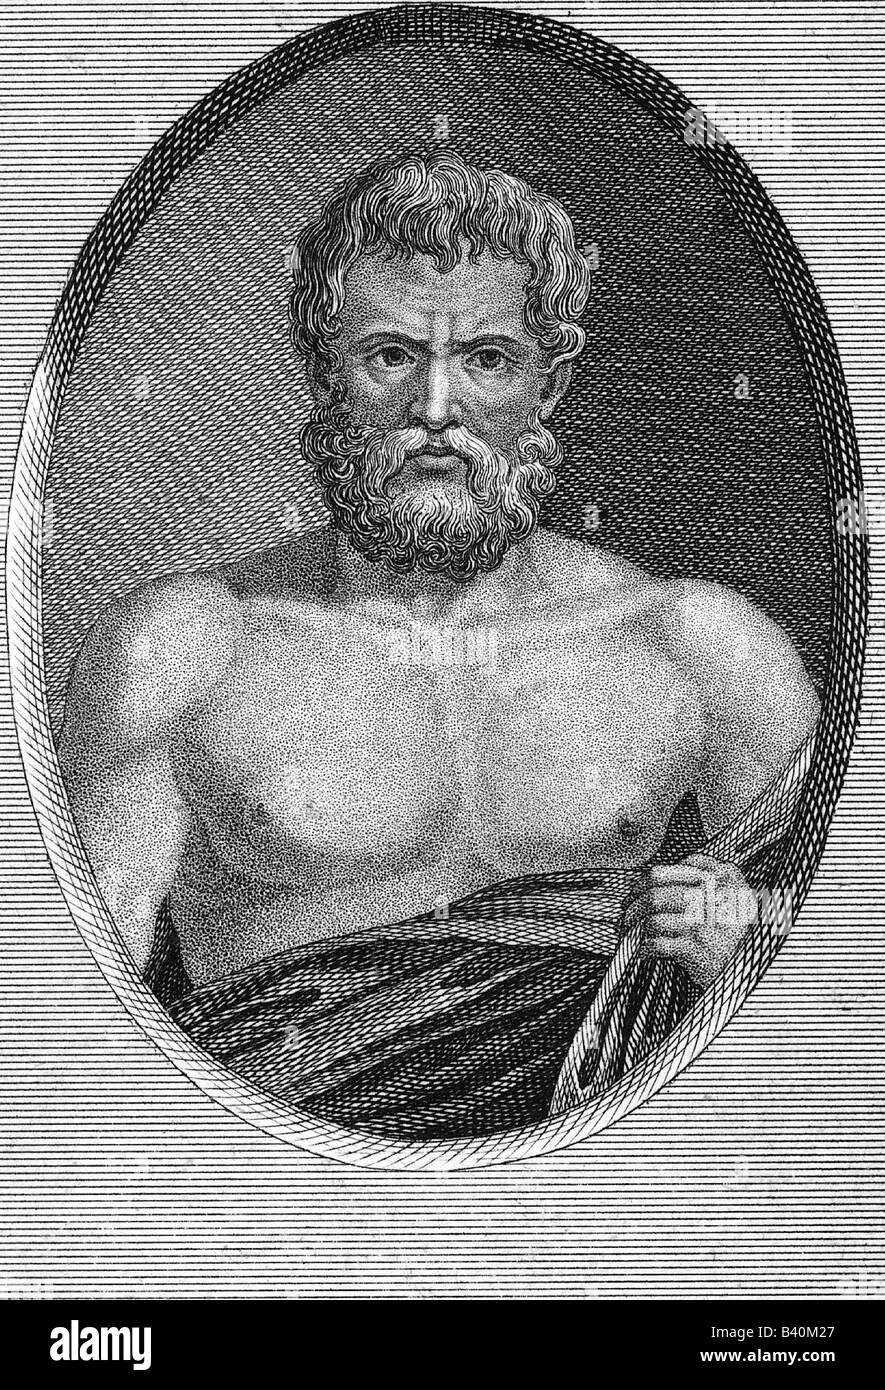 Zeno of Citium, circa 335 - 263 BC, Greek philosopher, half length, original copper engraving, circa 18th century, - Stock Image